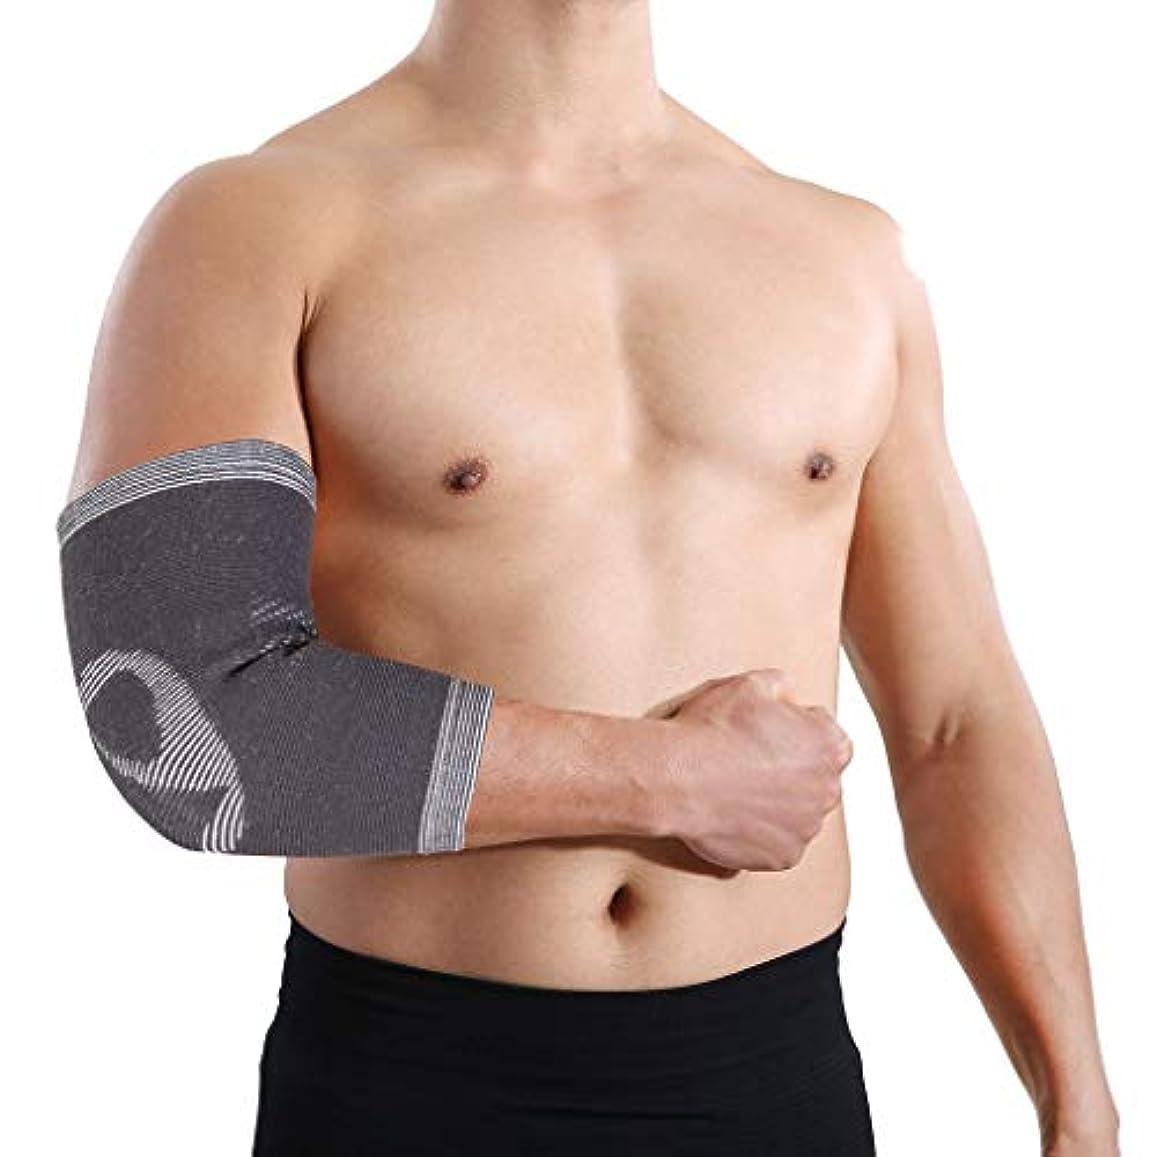 極地疑問に思う契約高弾性ラップ付き肘サポートスリーブブレースユニセックス包帯 - テニス、腱炎、ゴルファー、重量挙げ、関節炎のための最高のサポートと関節の回復 (Size : M)